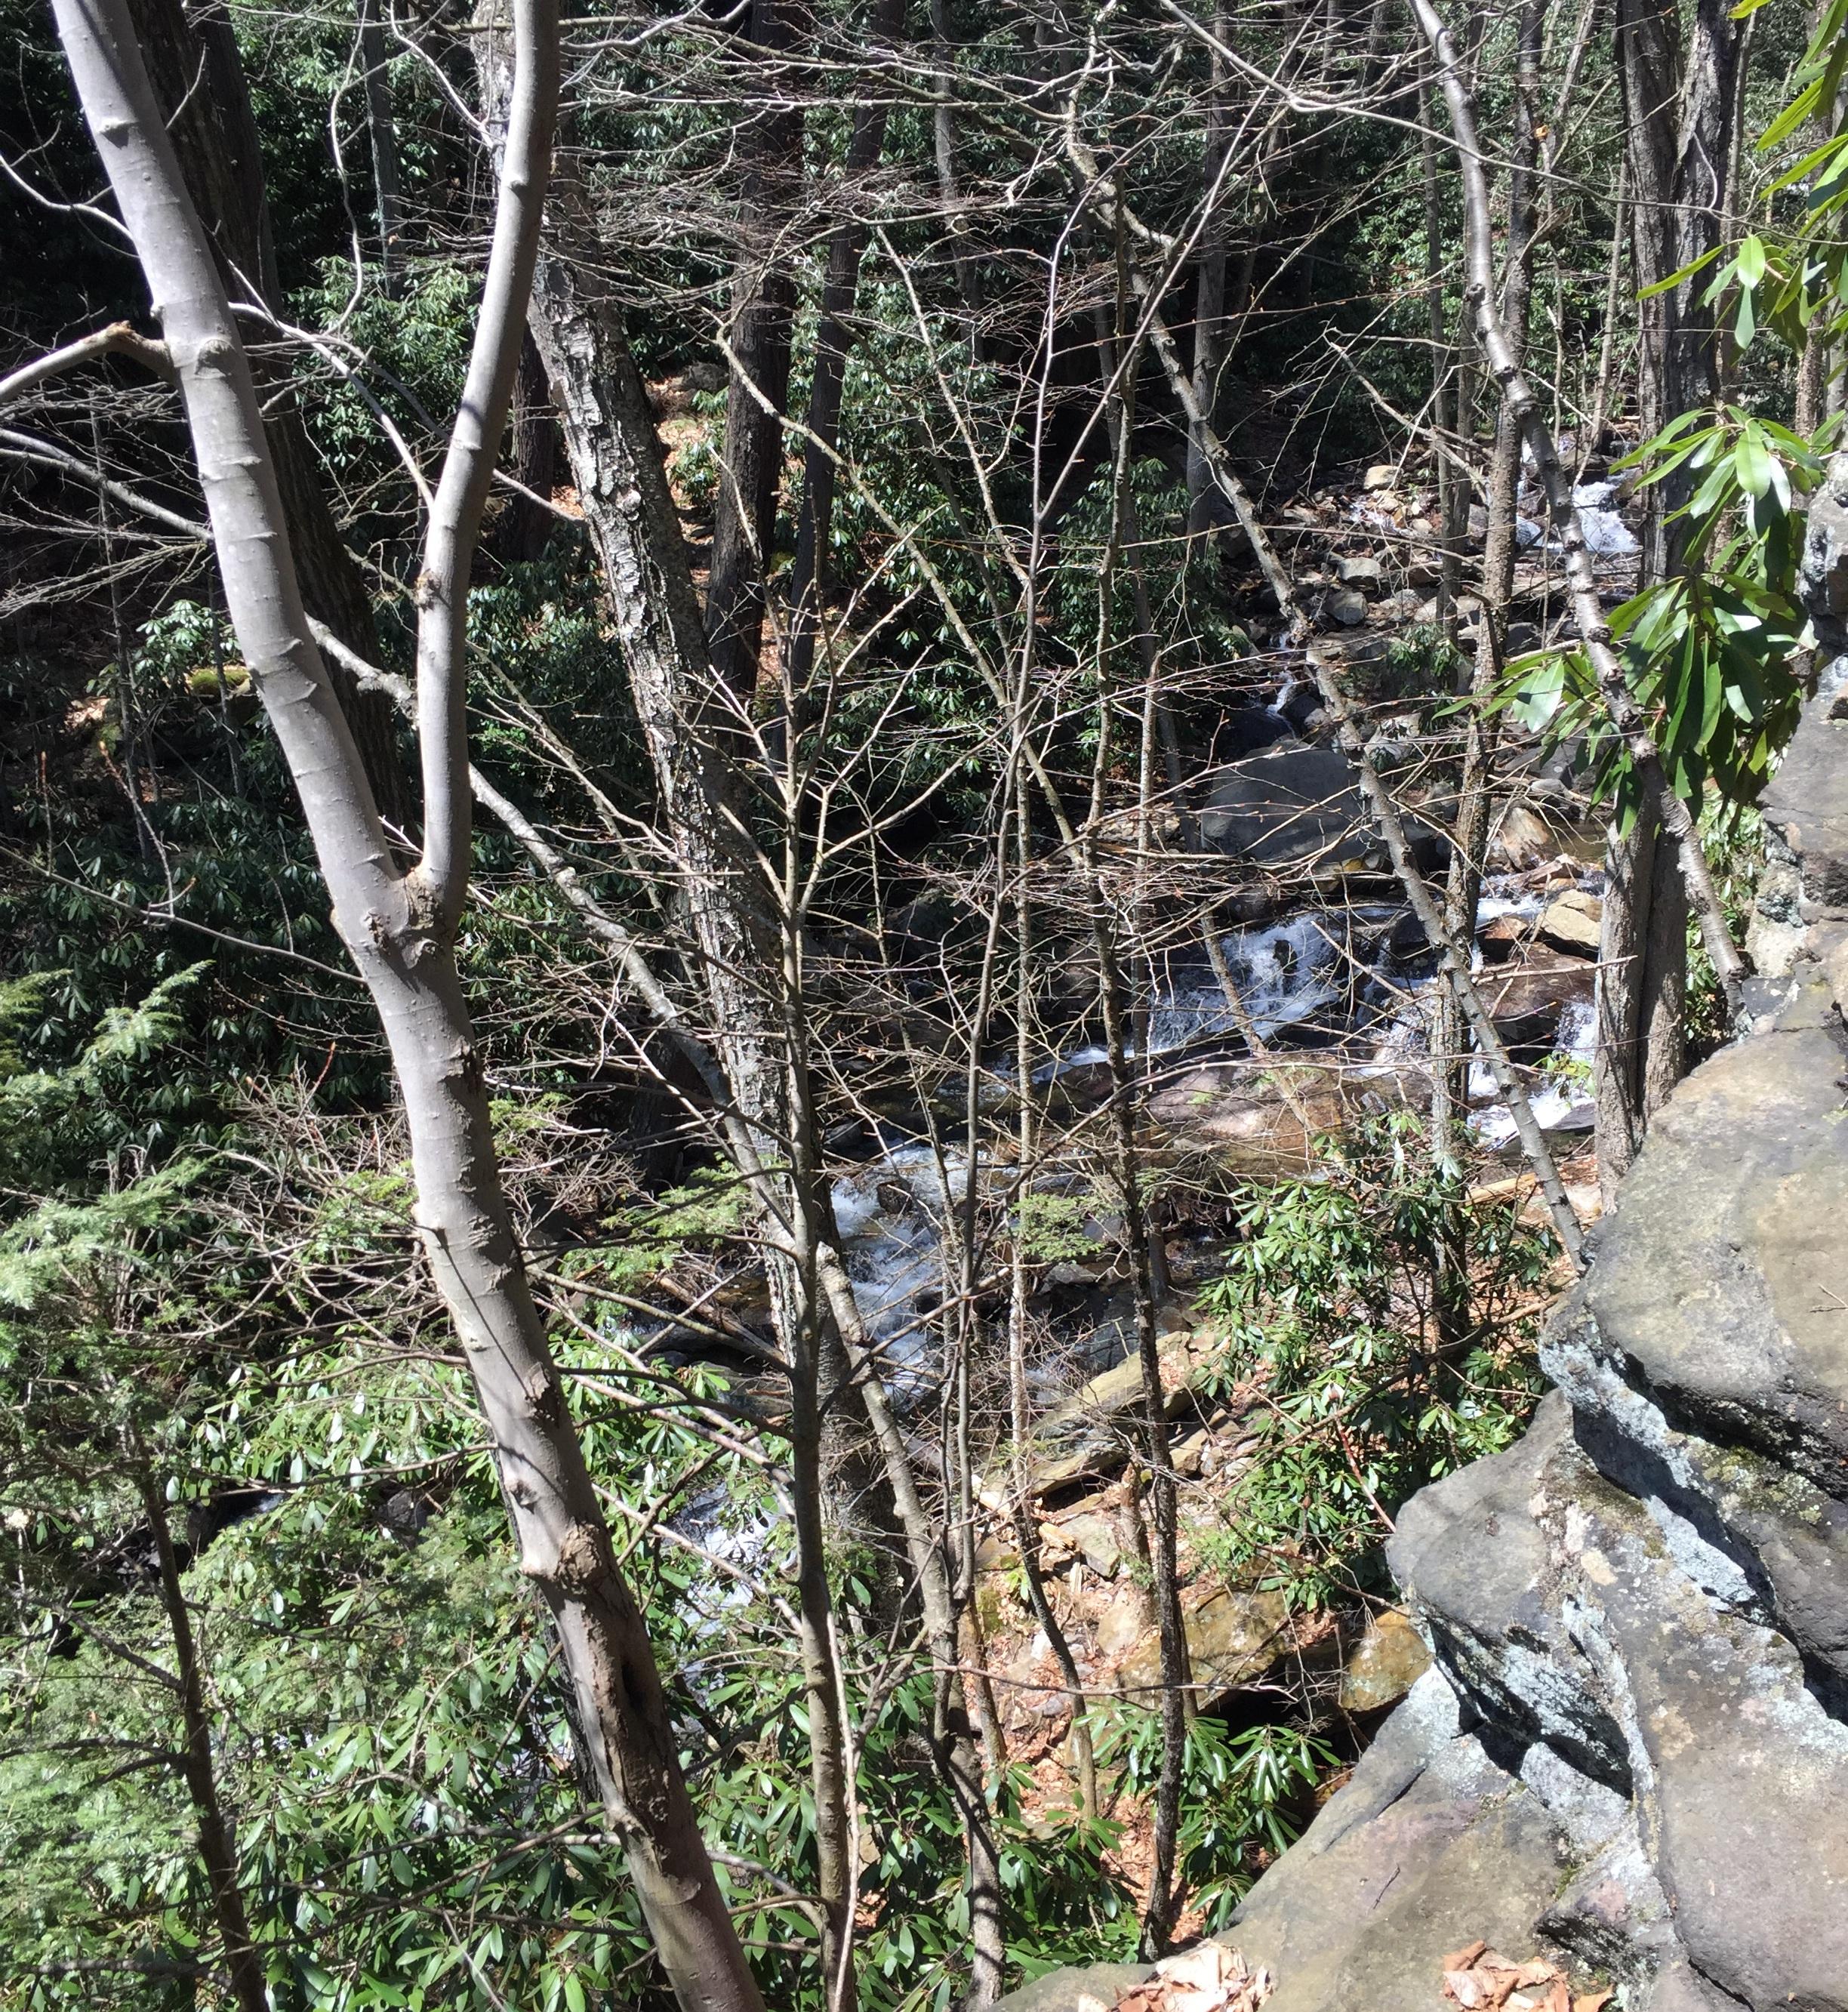 Glen Onoko Falls Park